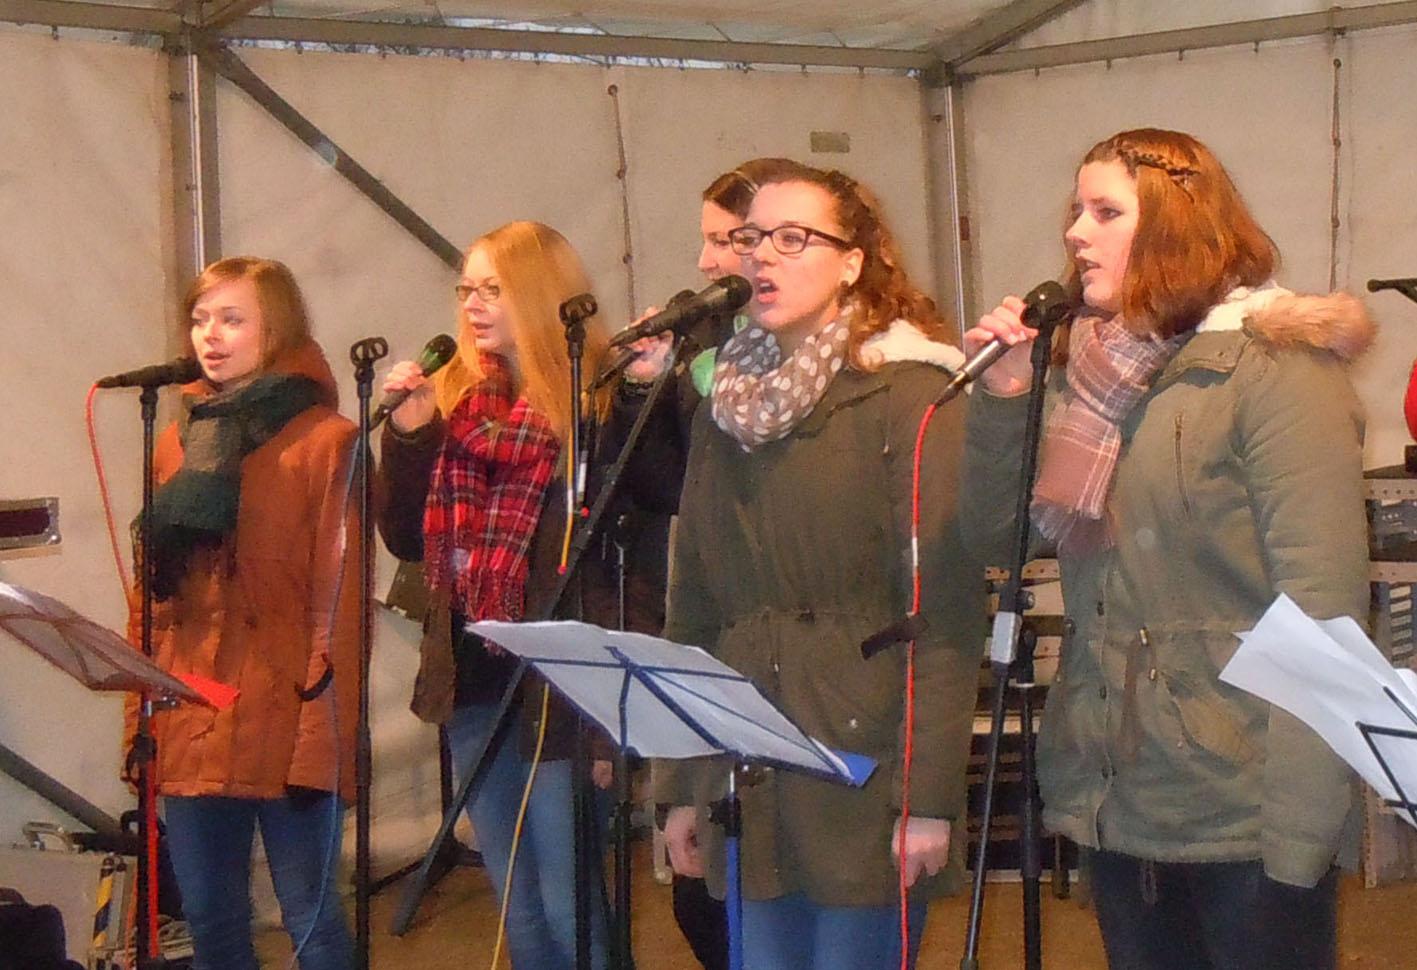 Weihnachten ohne Musik - das geht gar nicht / Foto: Margret Dannemann-Jarchow